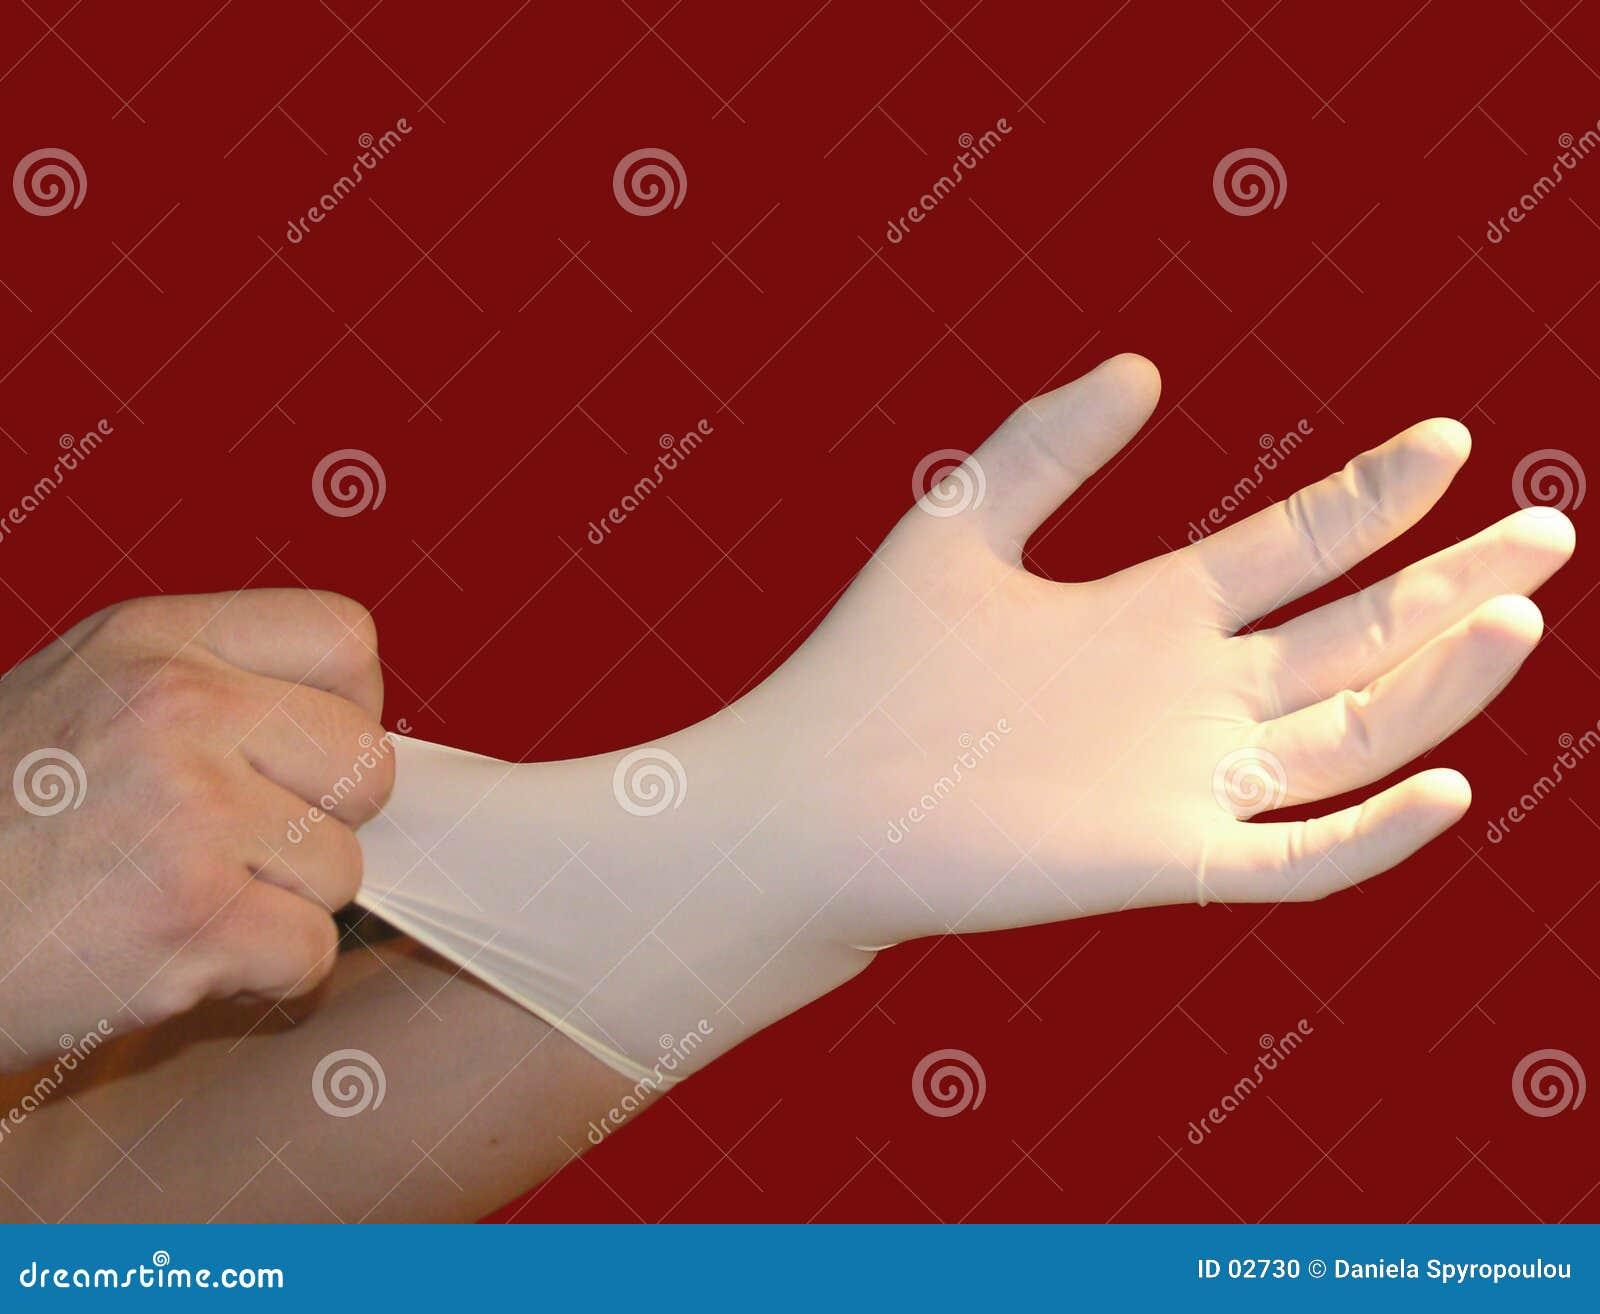 医疗的手套